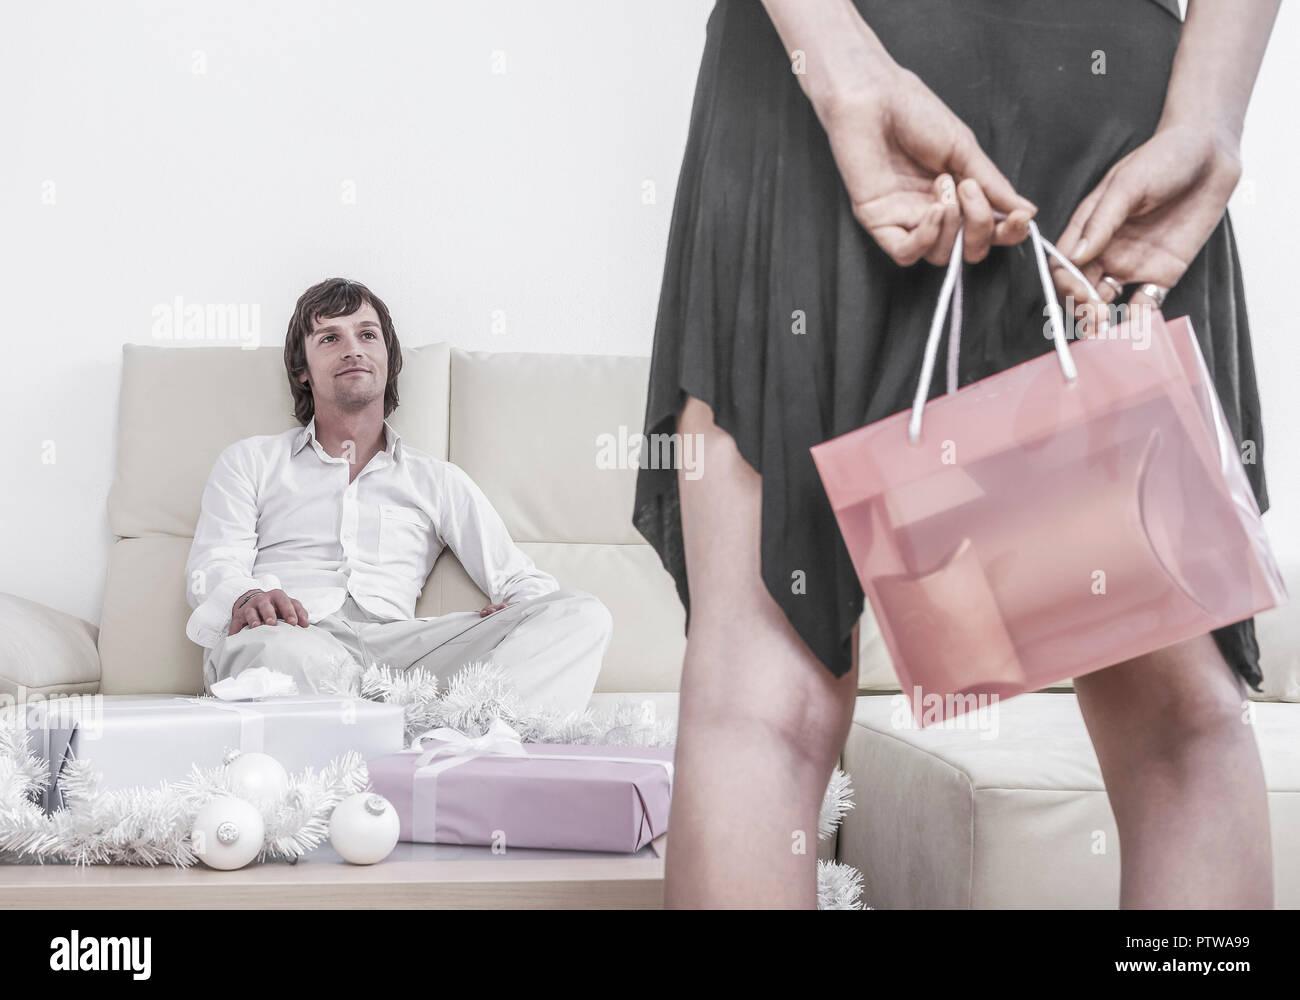 Paar, Mann sitzt auf Sofa, Frau steht mit Geschenktuete davor (model-released) Stock Photo